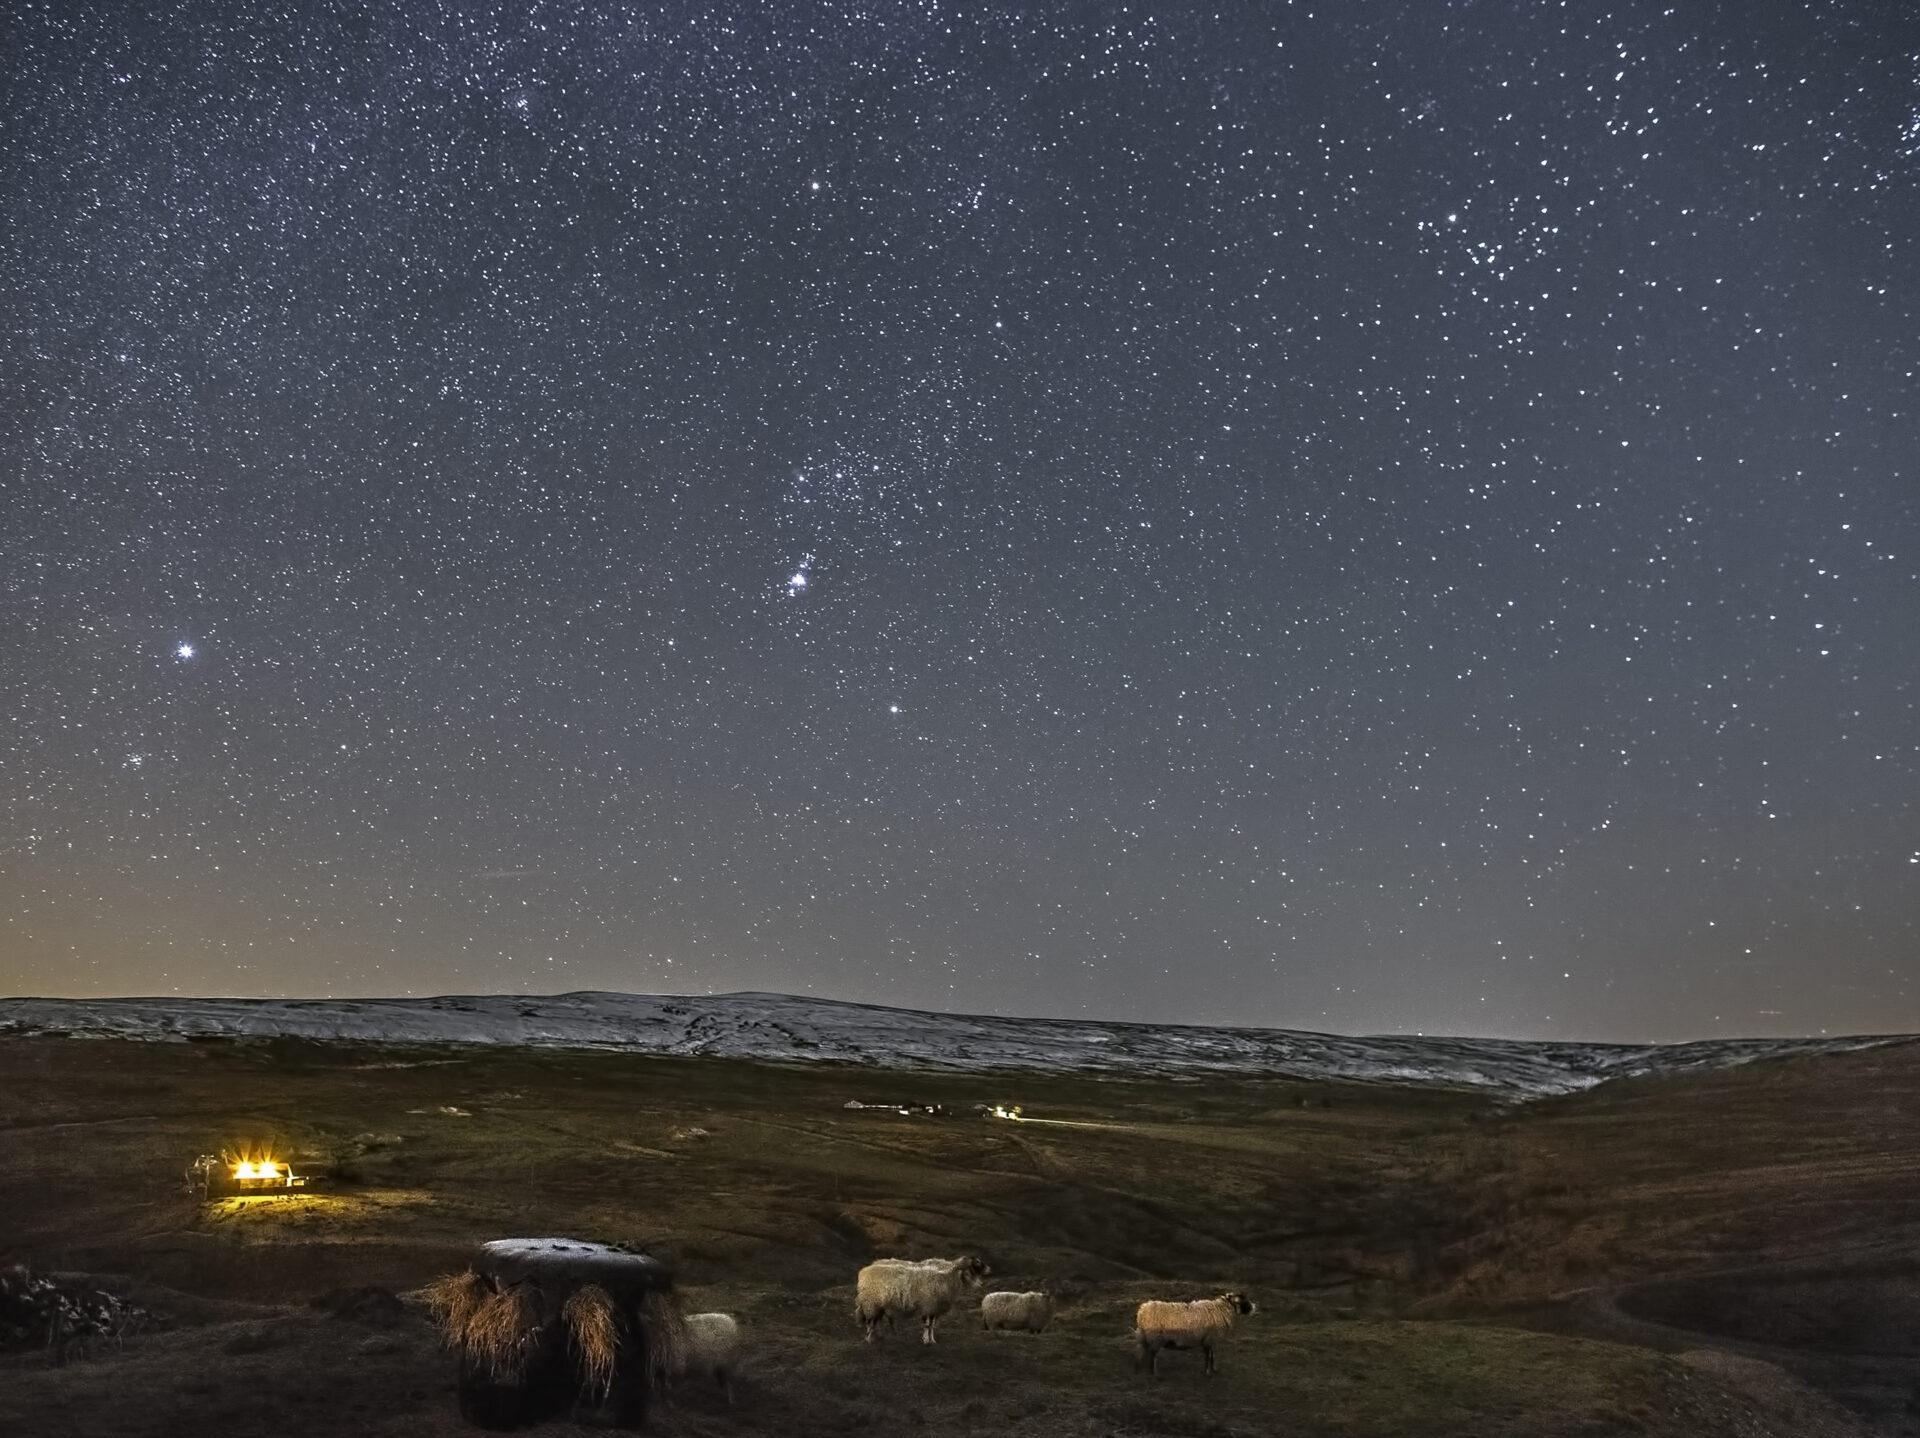 Sheep under a starry sky © Gary Lintern